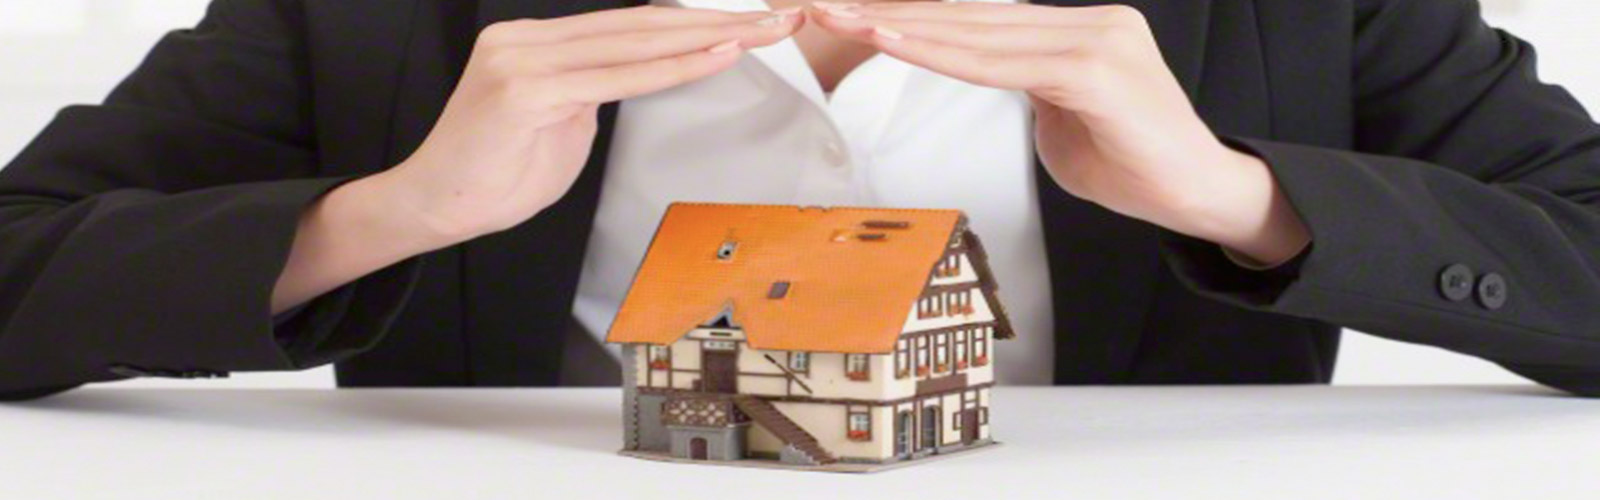 Protección legal de inmuebles como patrimonio familiar - DerechoInmobiliario.pe